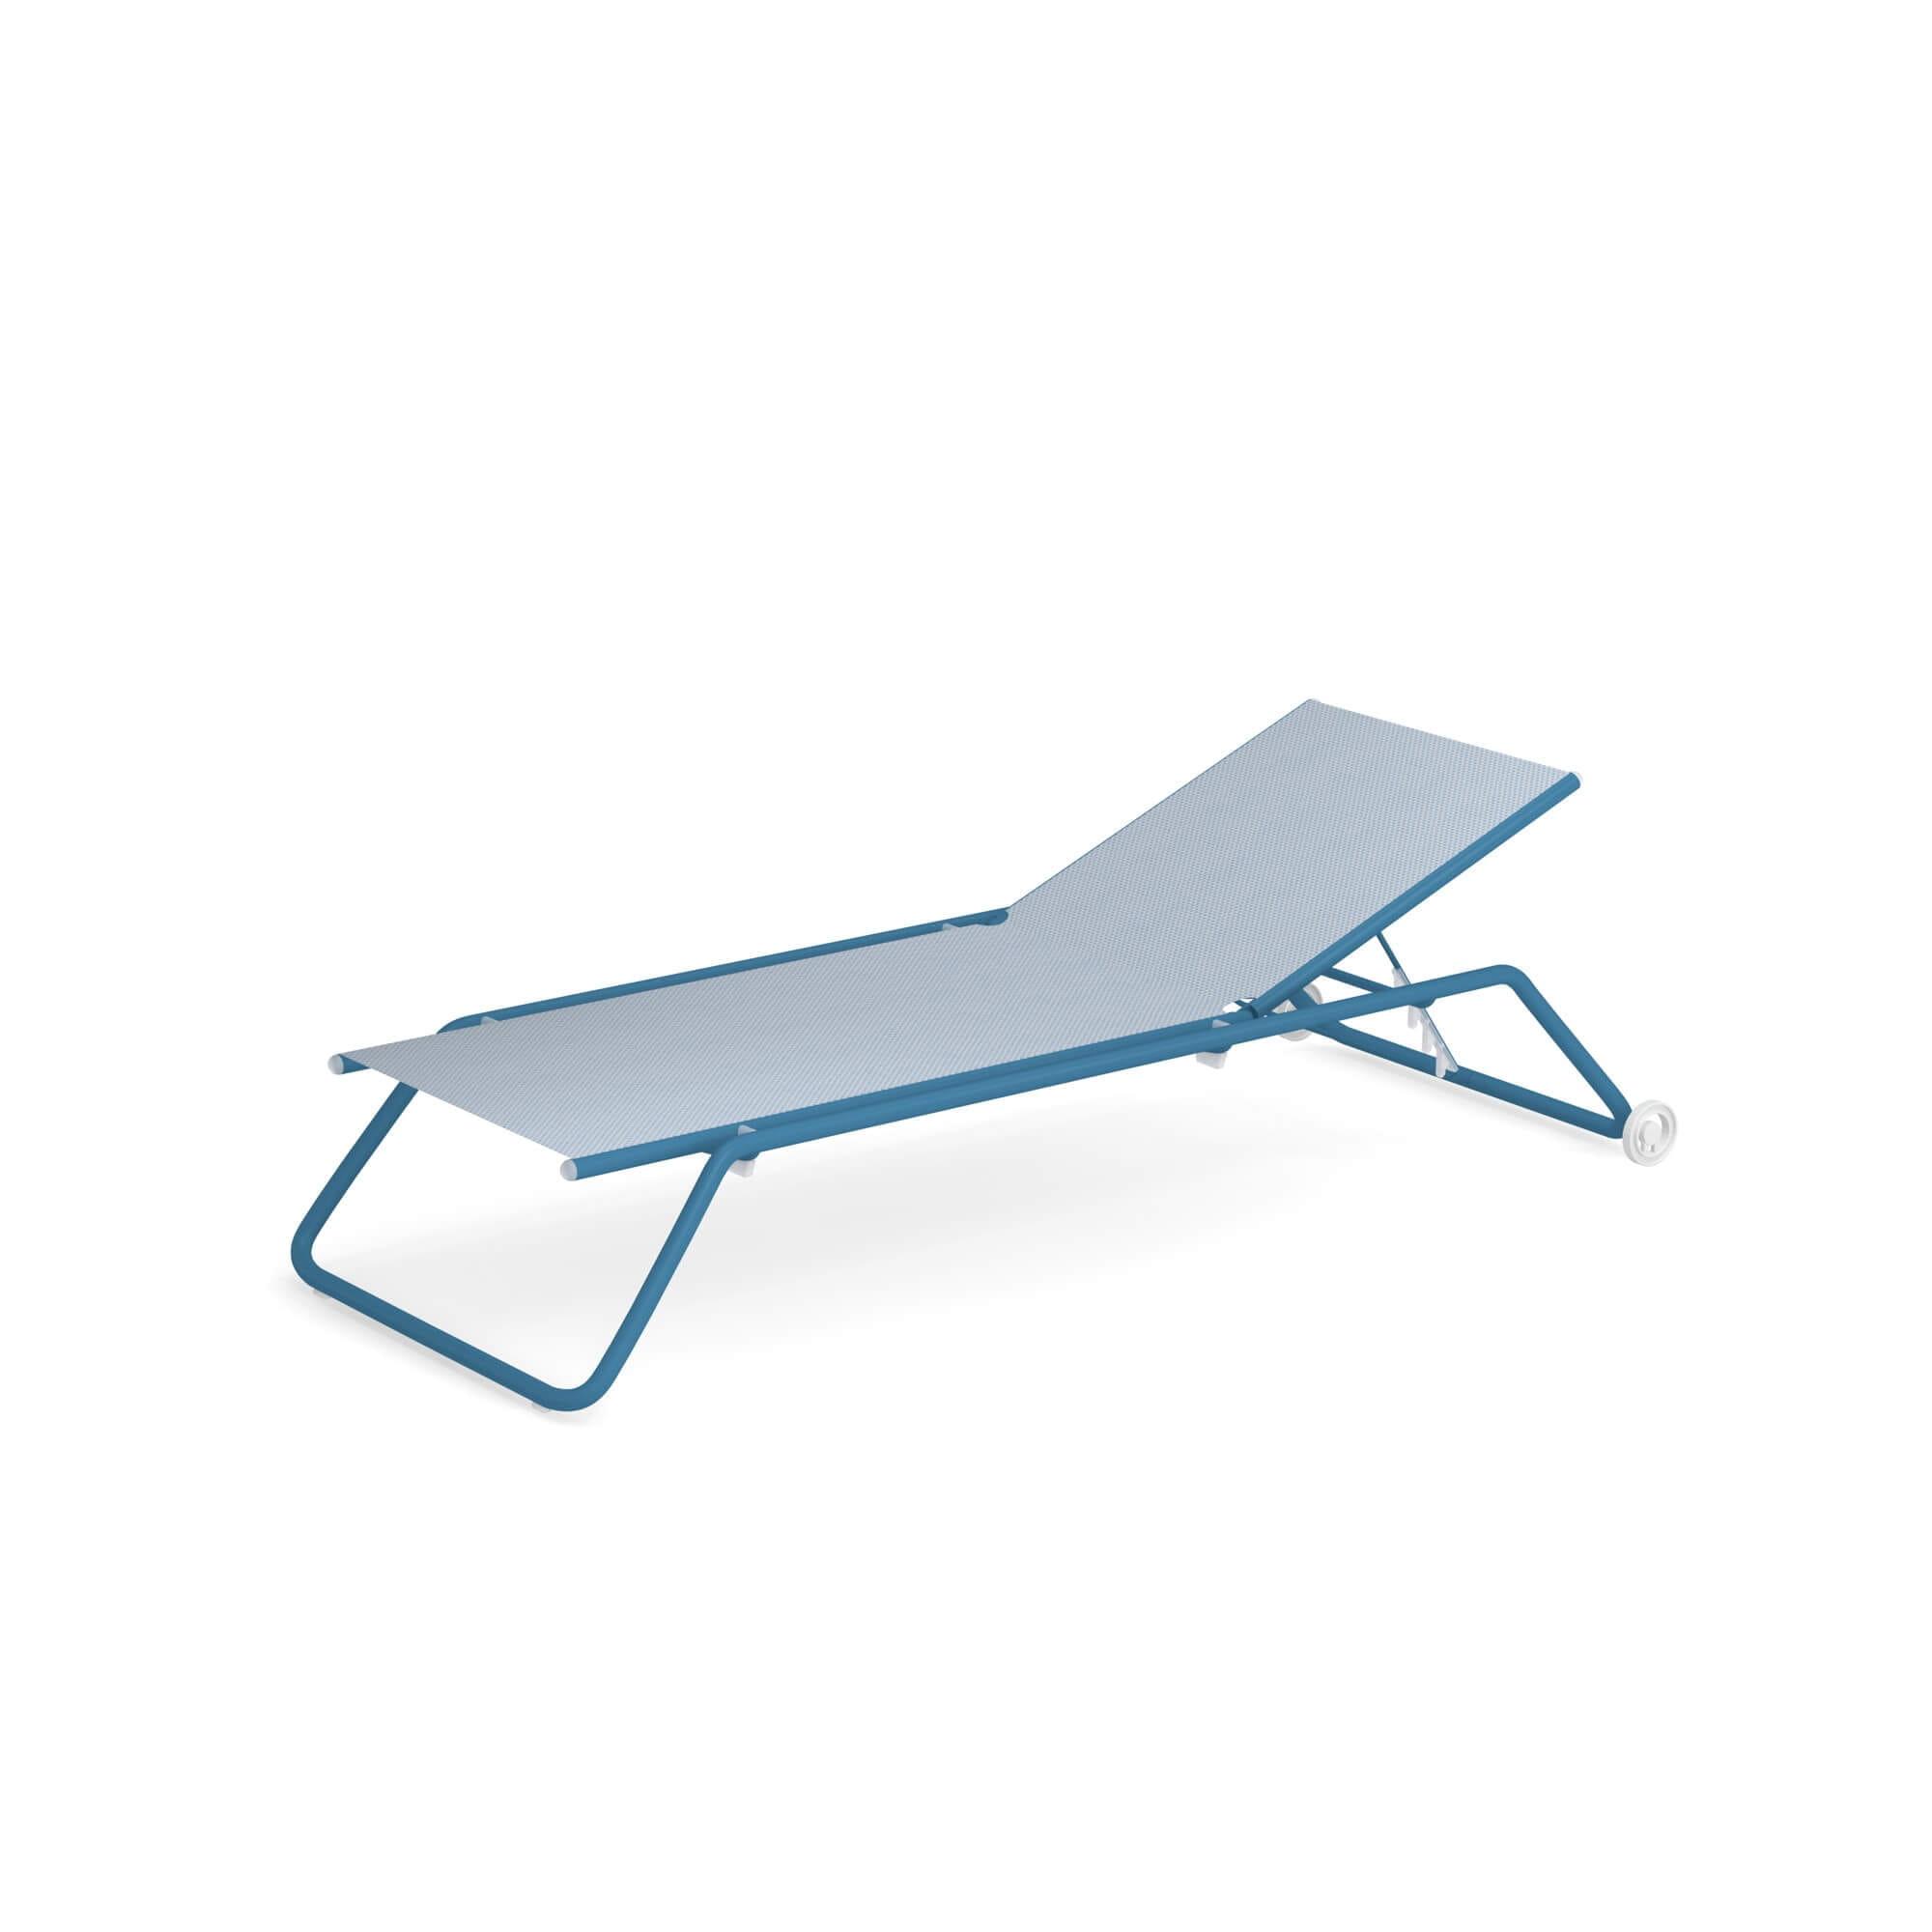 61-300/76 Blau - Hellblau